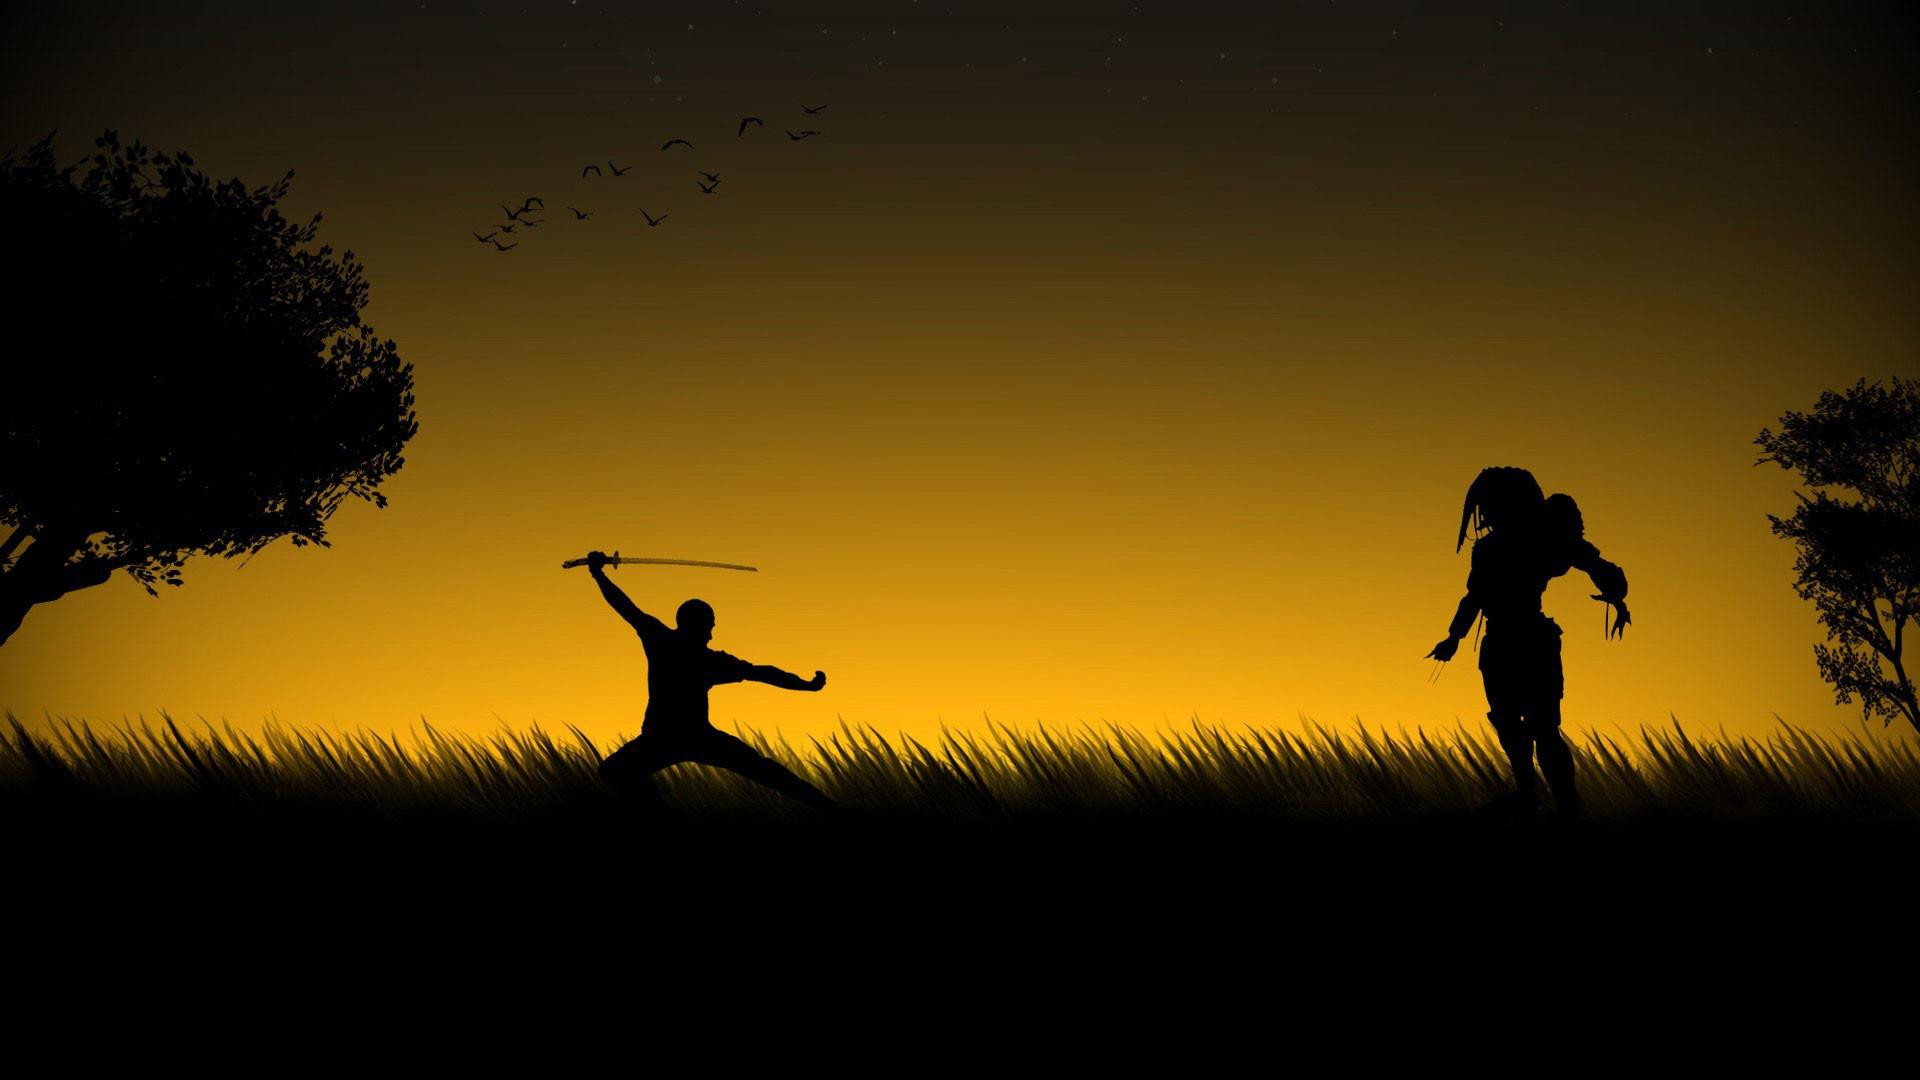 wallpaper martial arts (70+ images)